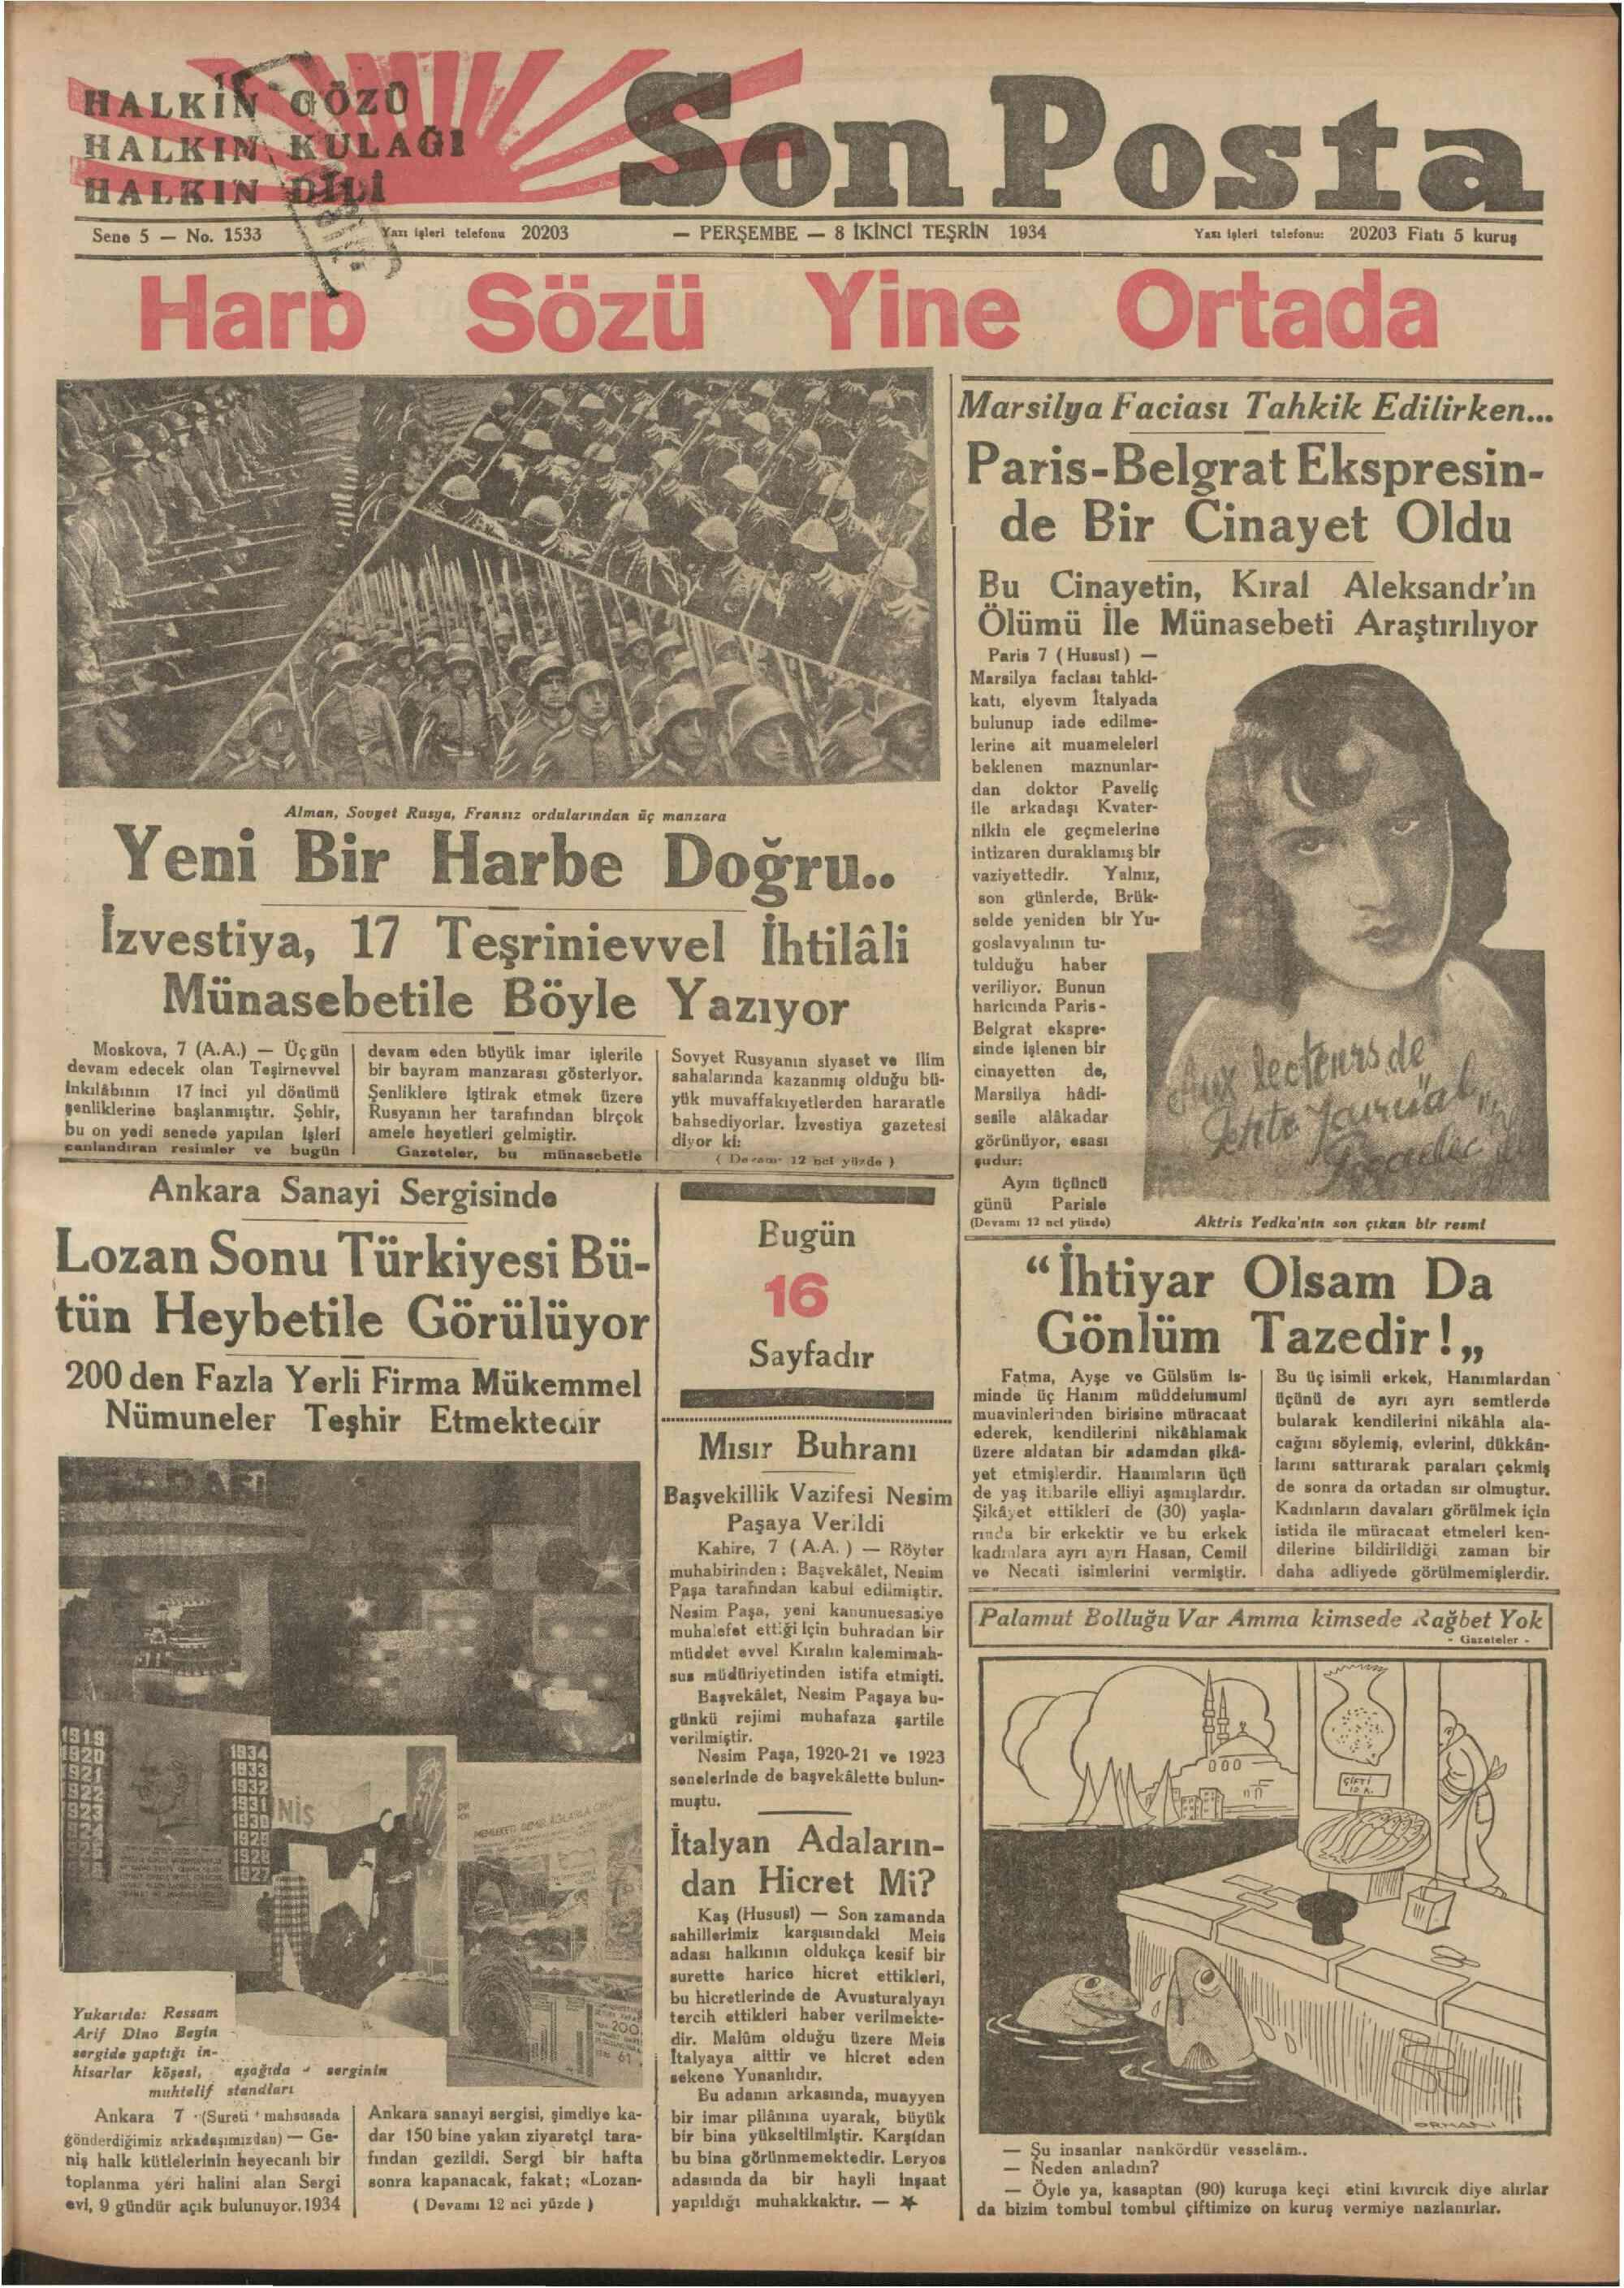 8 Kasım 1934 Tarihli Son Posta Gazetesi Sayfa 1